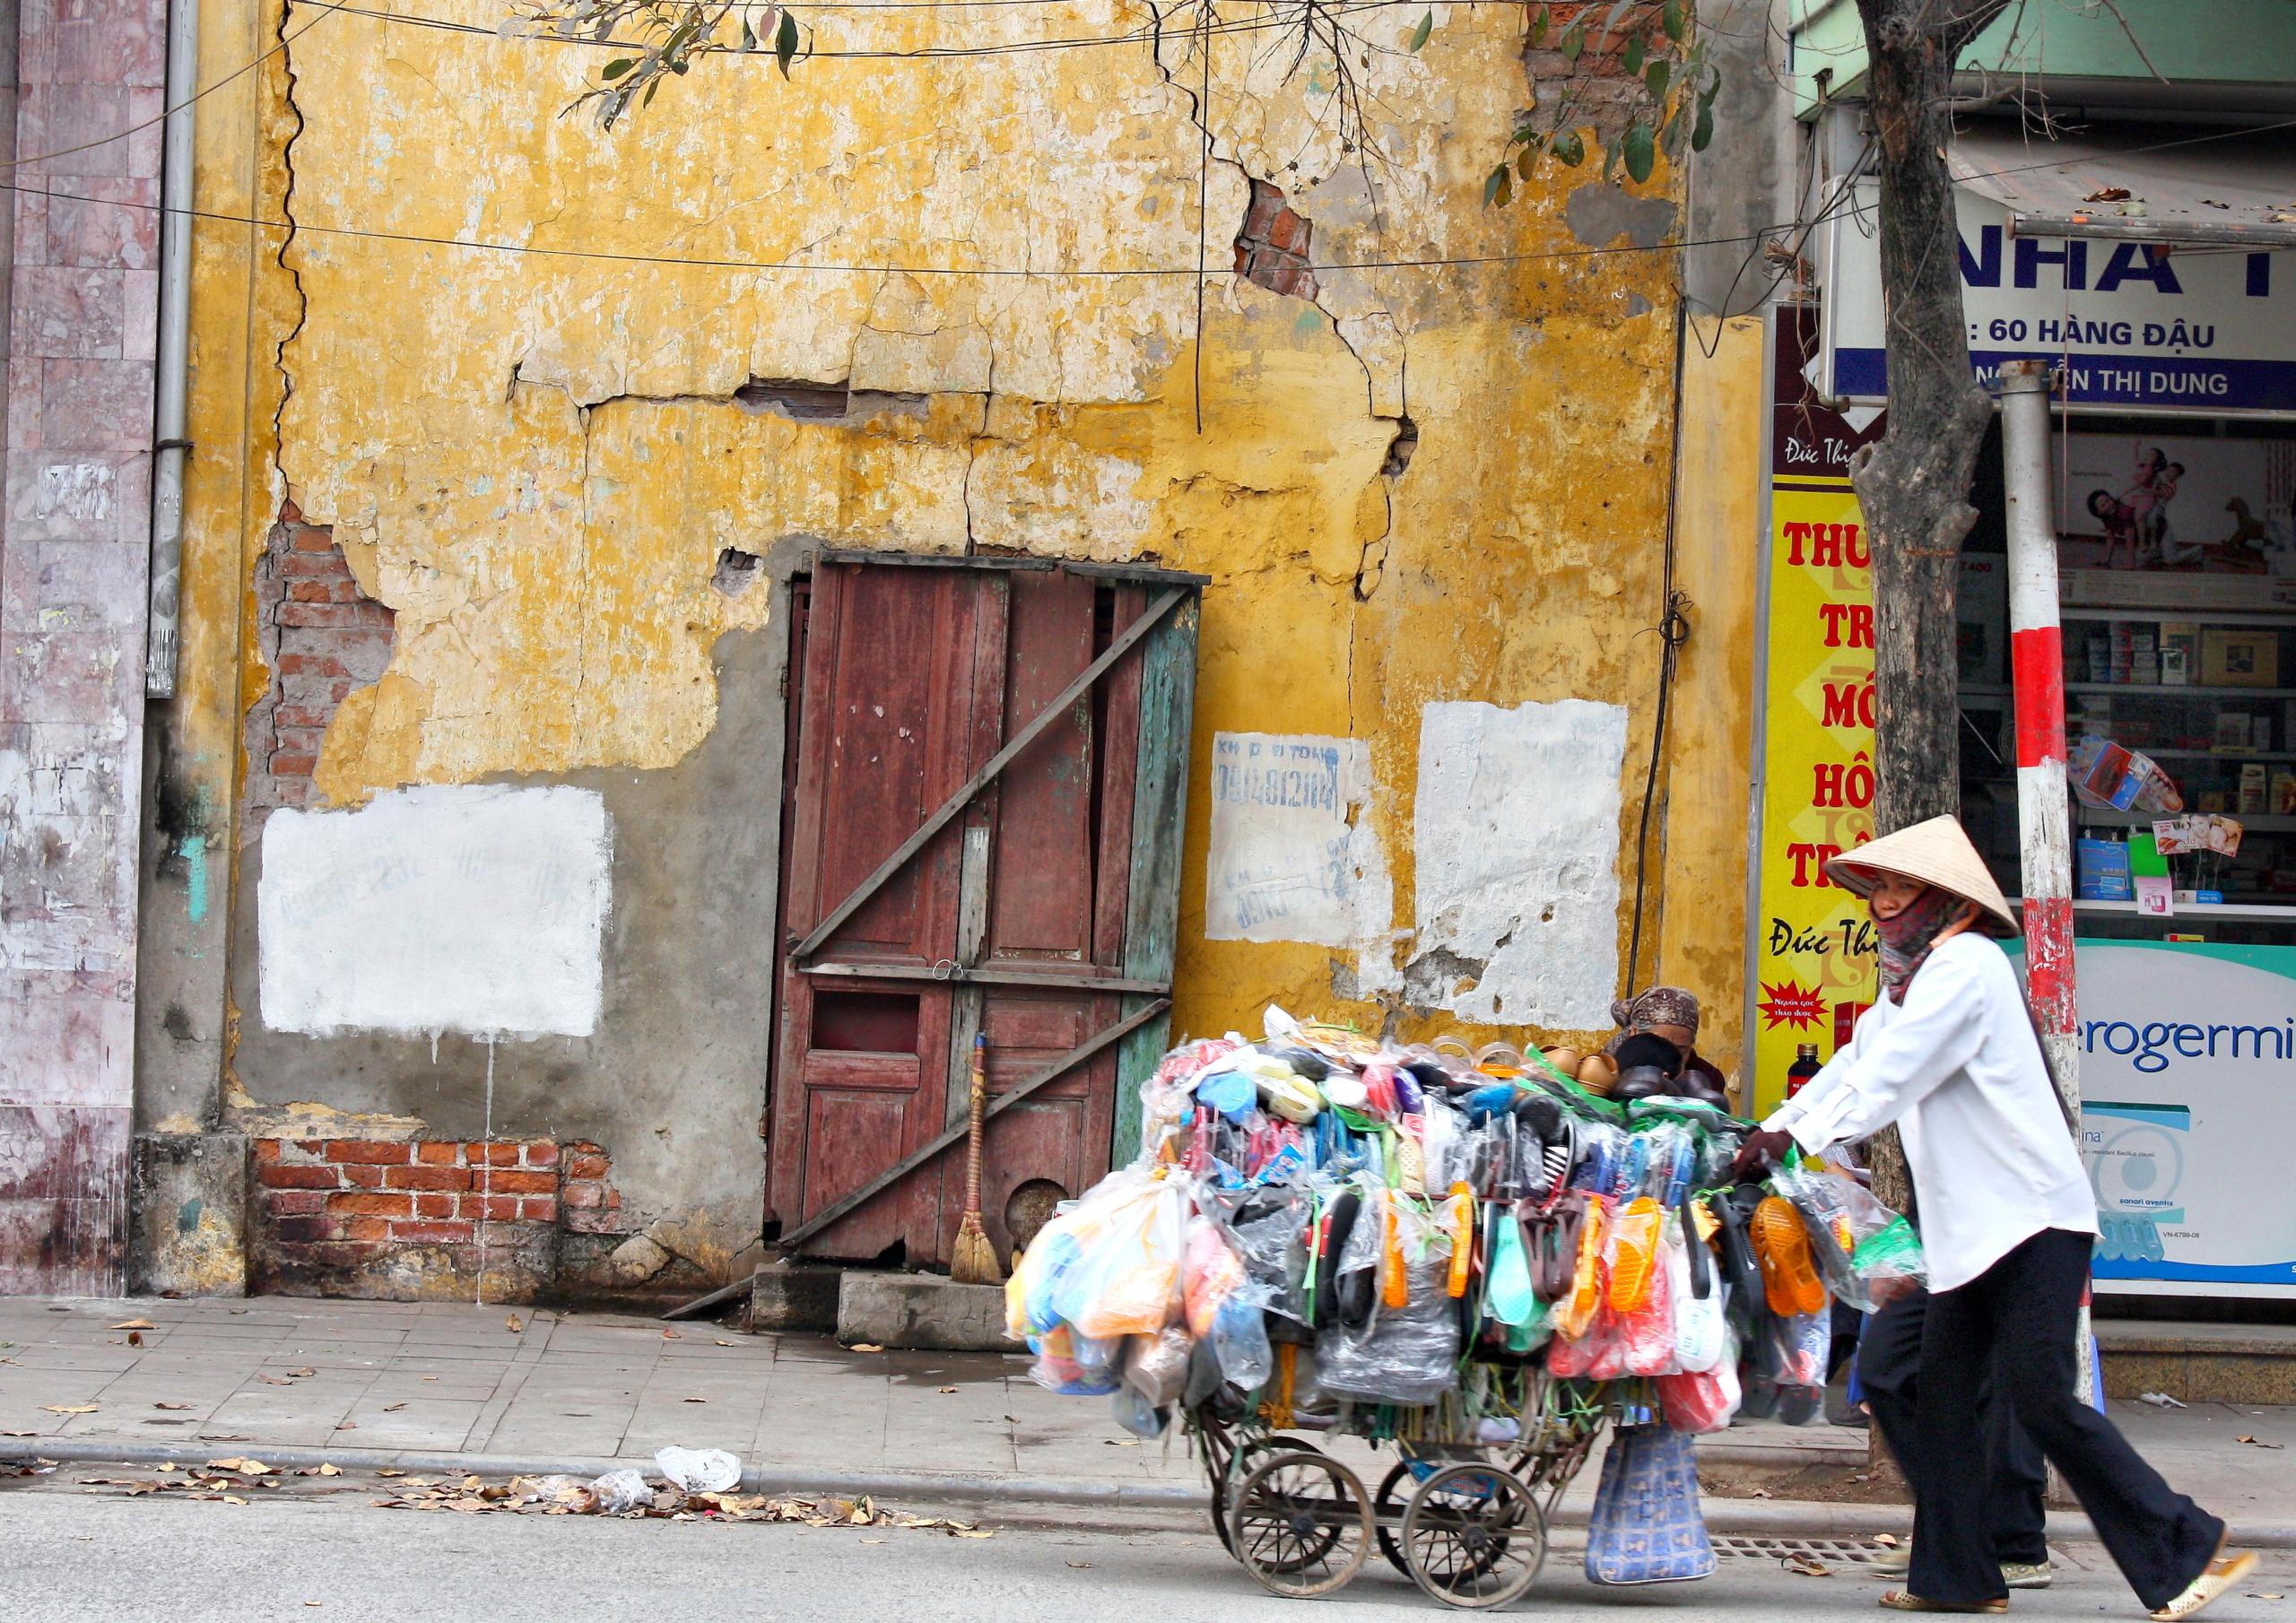 NGOs in Vietnam